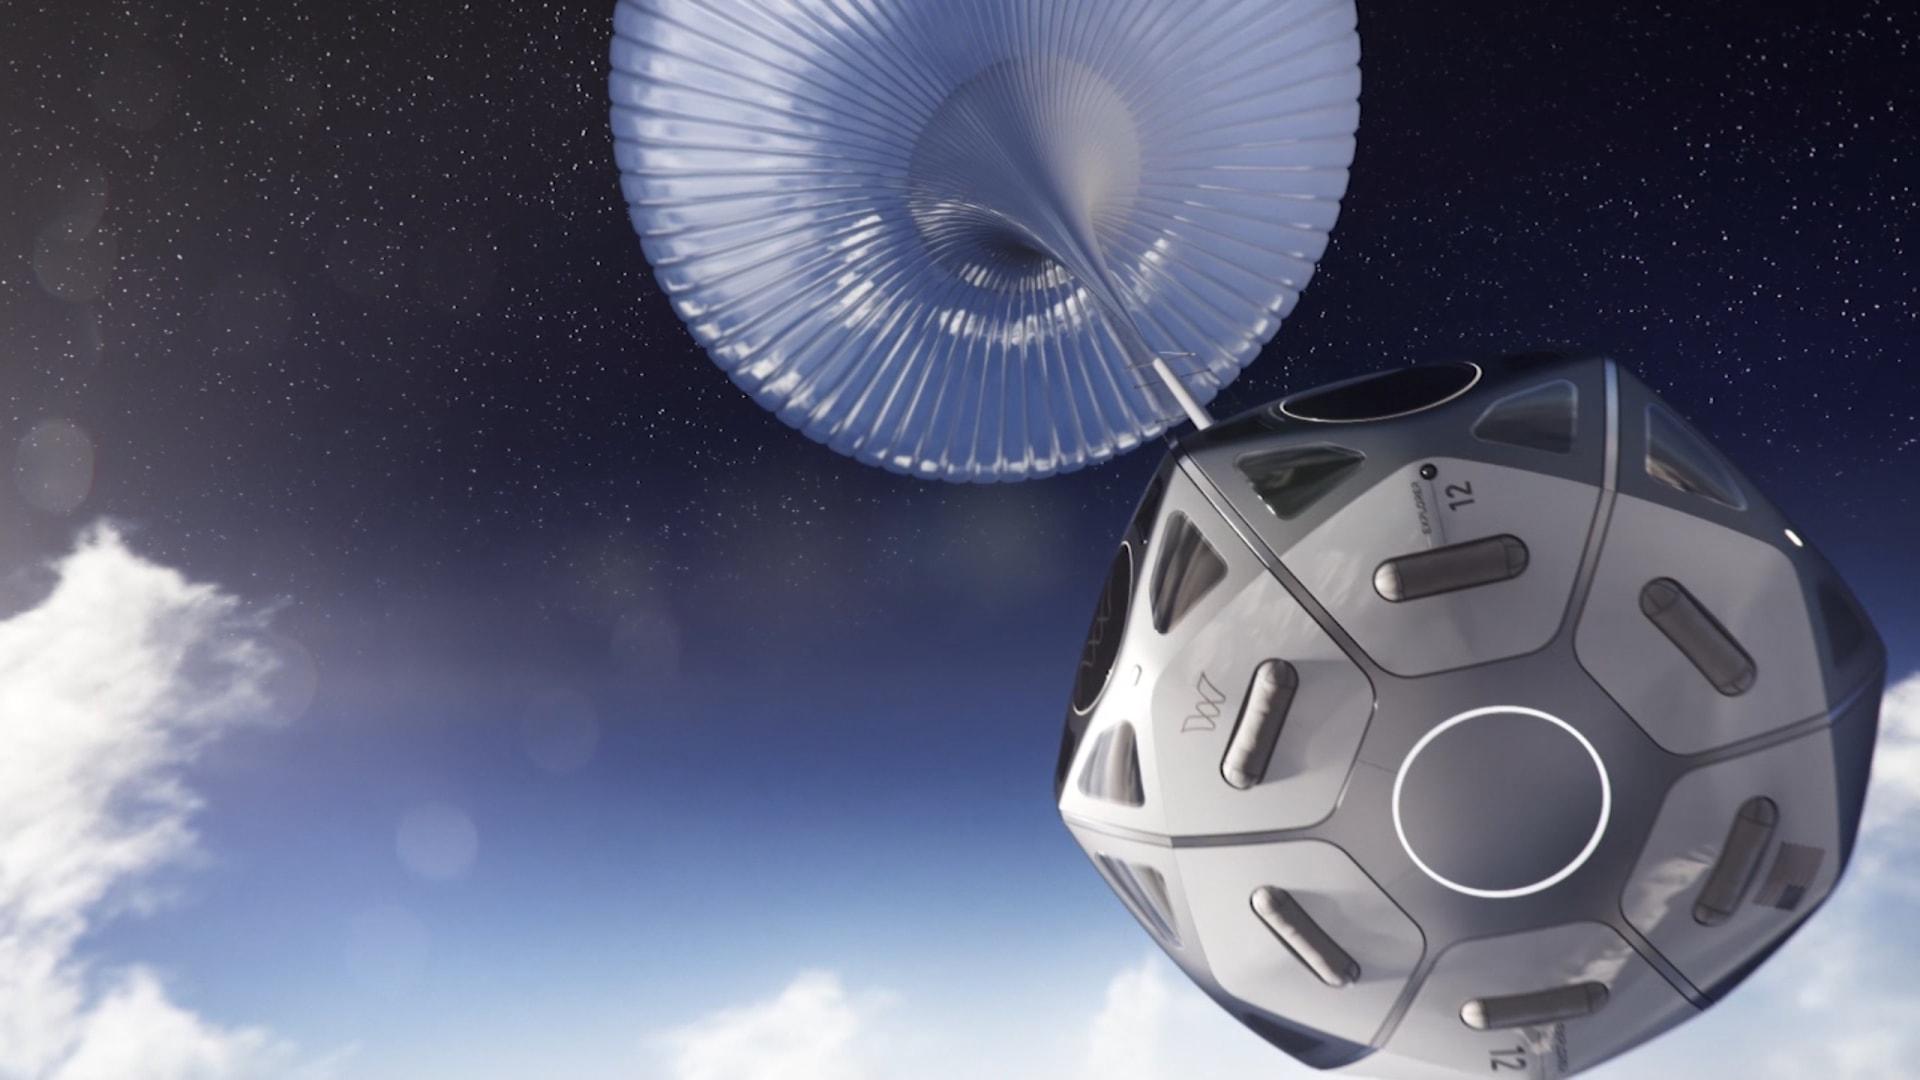 بسعر يبدأ من 50 ألف دولار.. يمكنك الذهاب إلى حافة الفضاء بمنطاد فخم